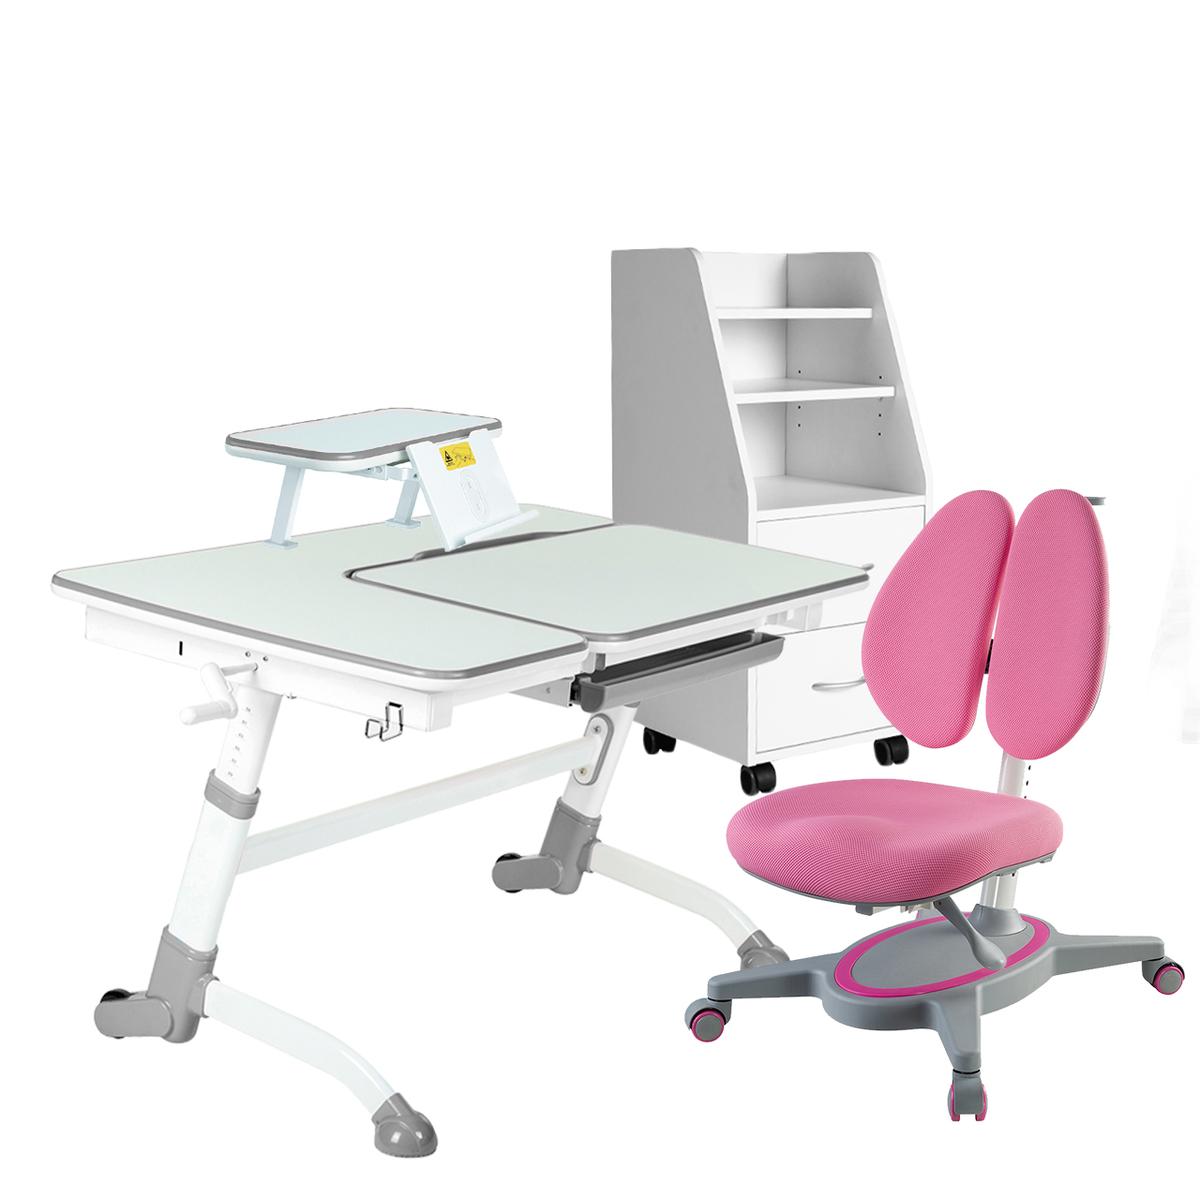 Детская парта Amare комплект вариант №2 (серый/розовый) Amare